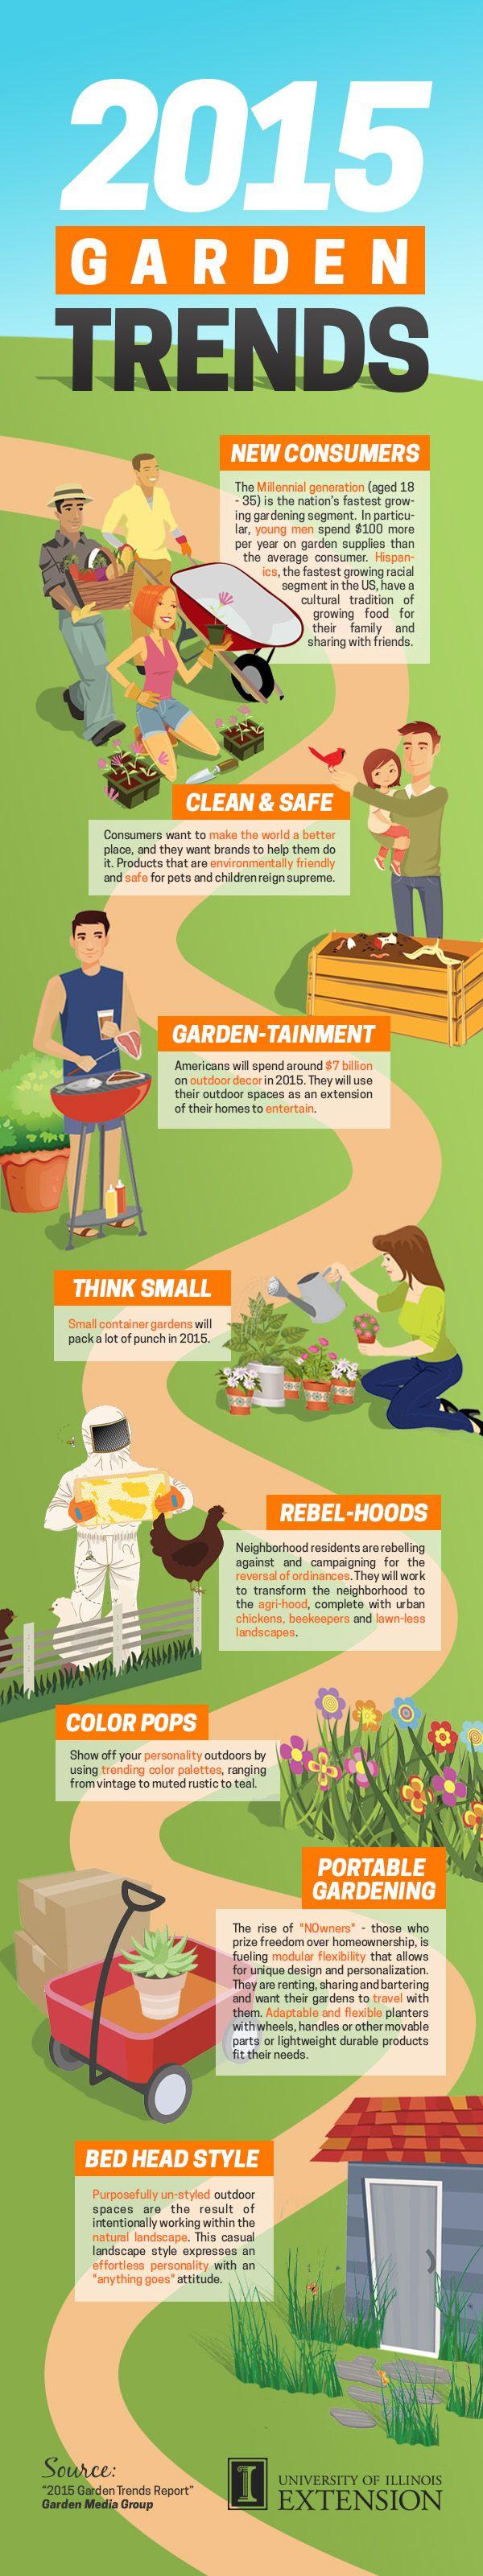 2015 Garden Trends #Infographic